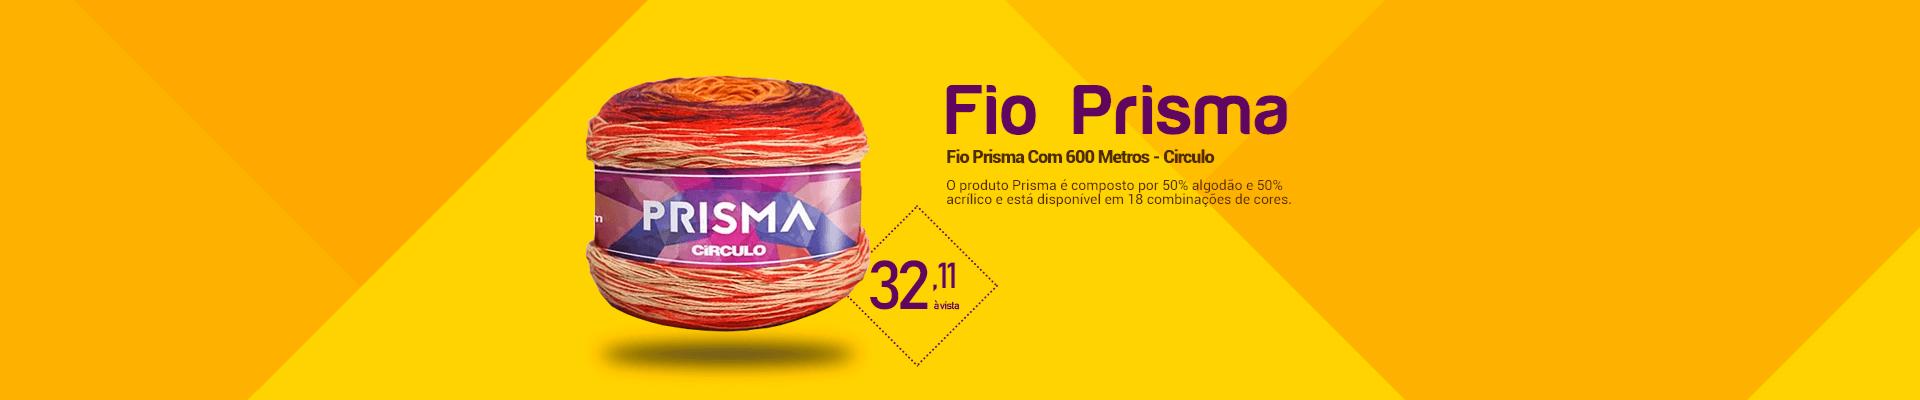 Fio Prisma Circulo 600 metros